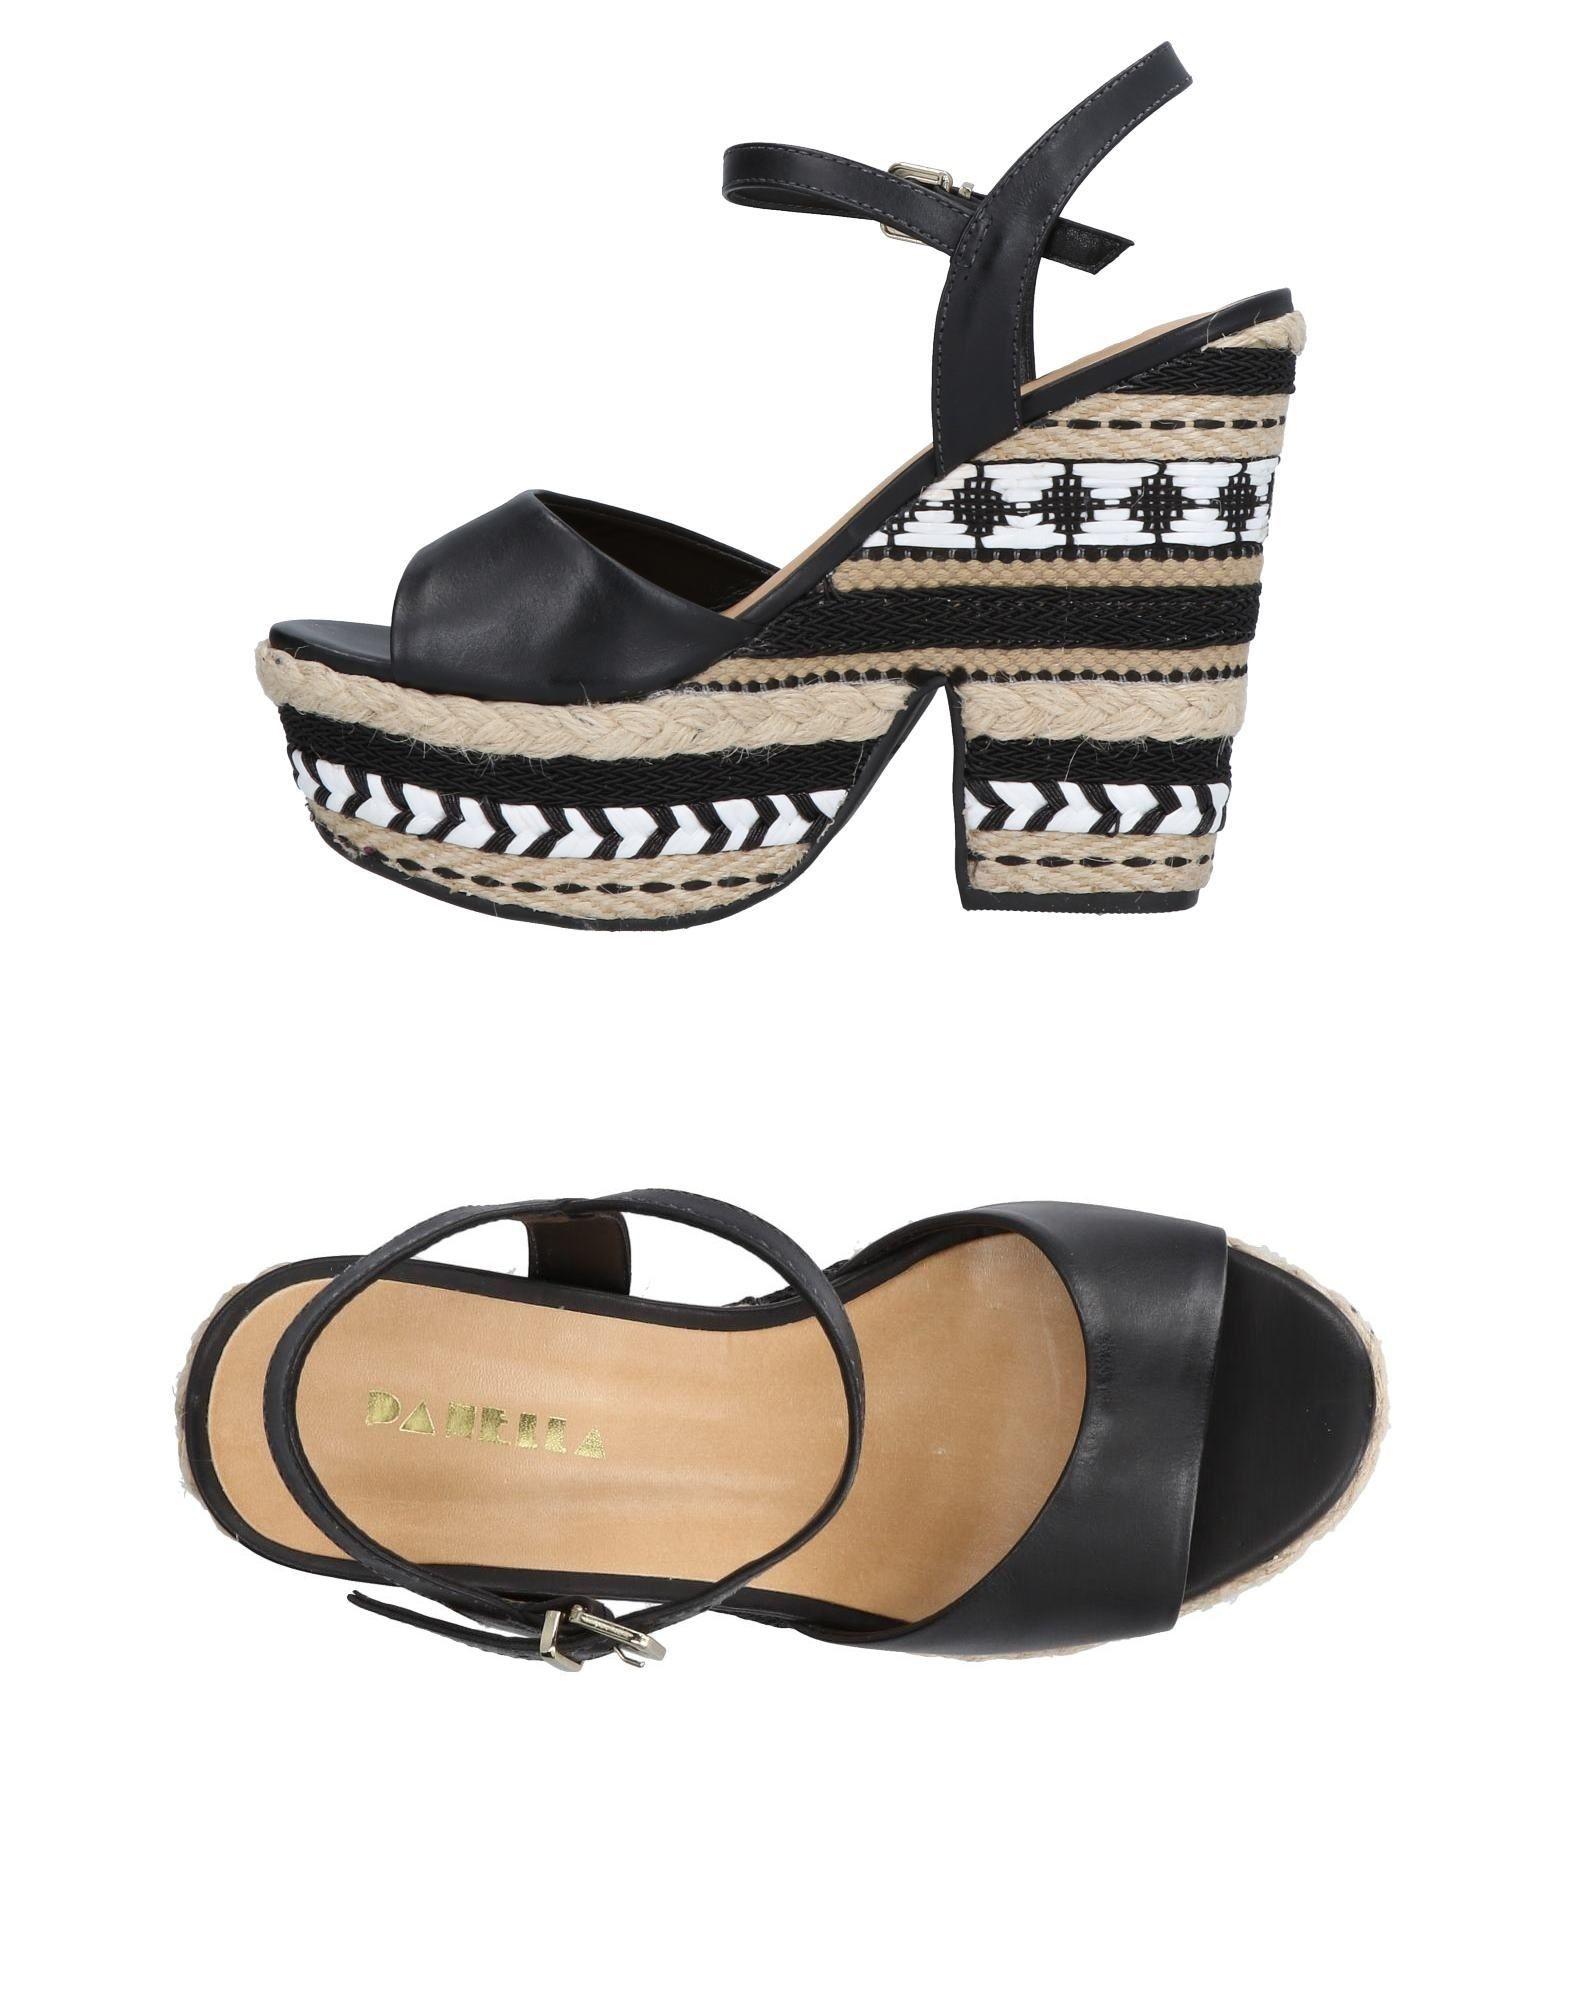 Panella Sandalen Damen  11474043TH Gute Qualität beliebte Schuhe